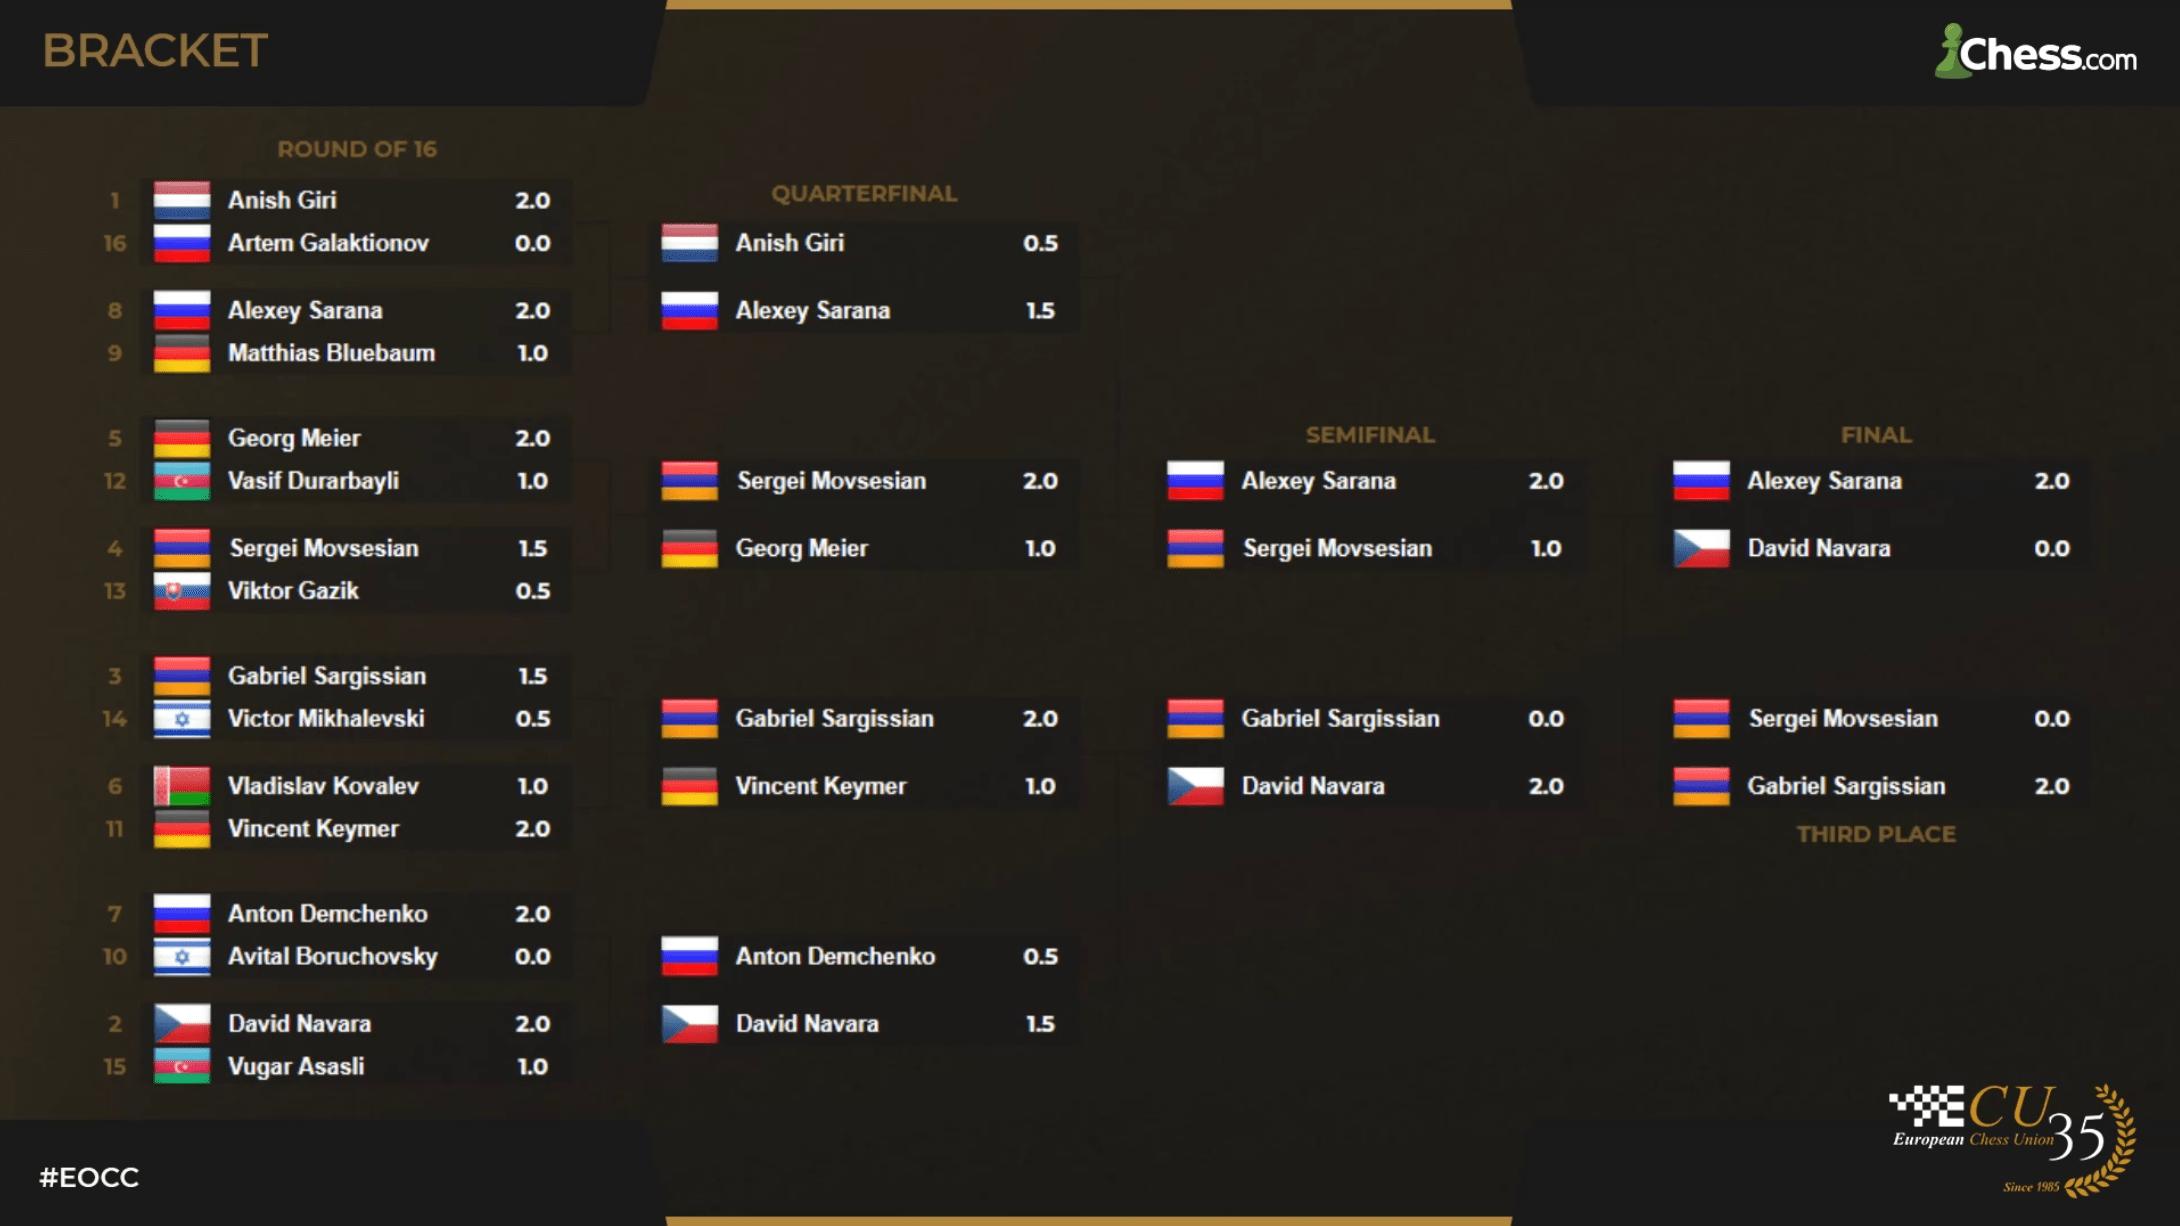 2020 European Online Championship bracket